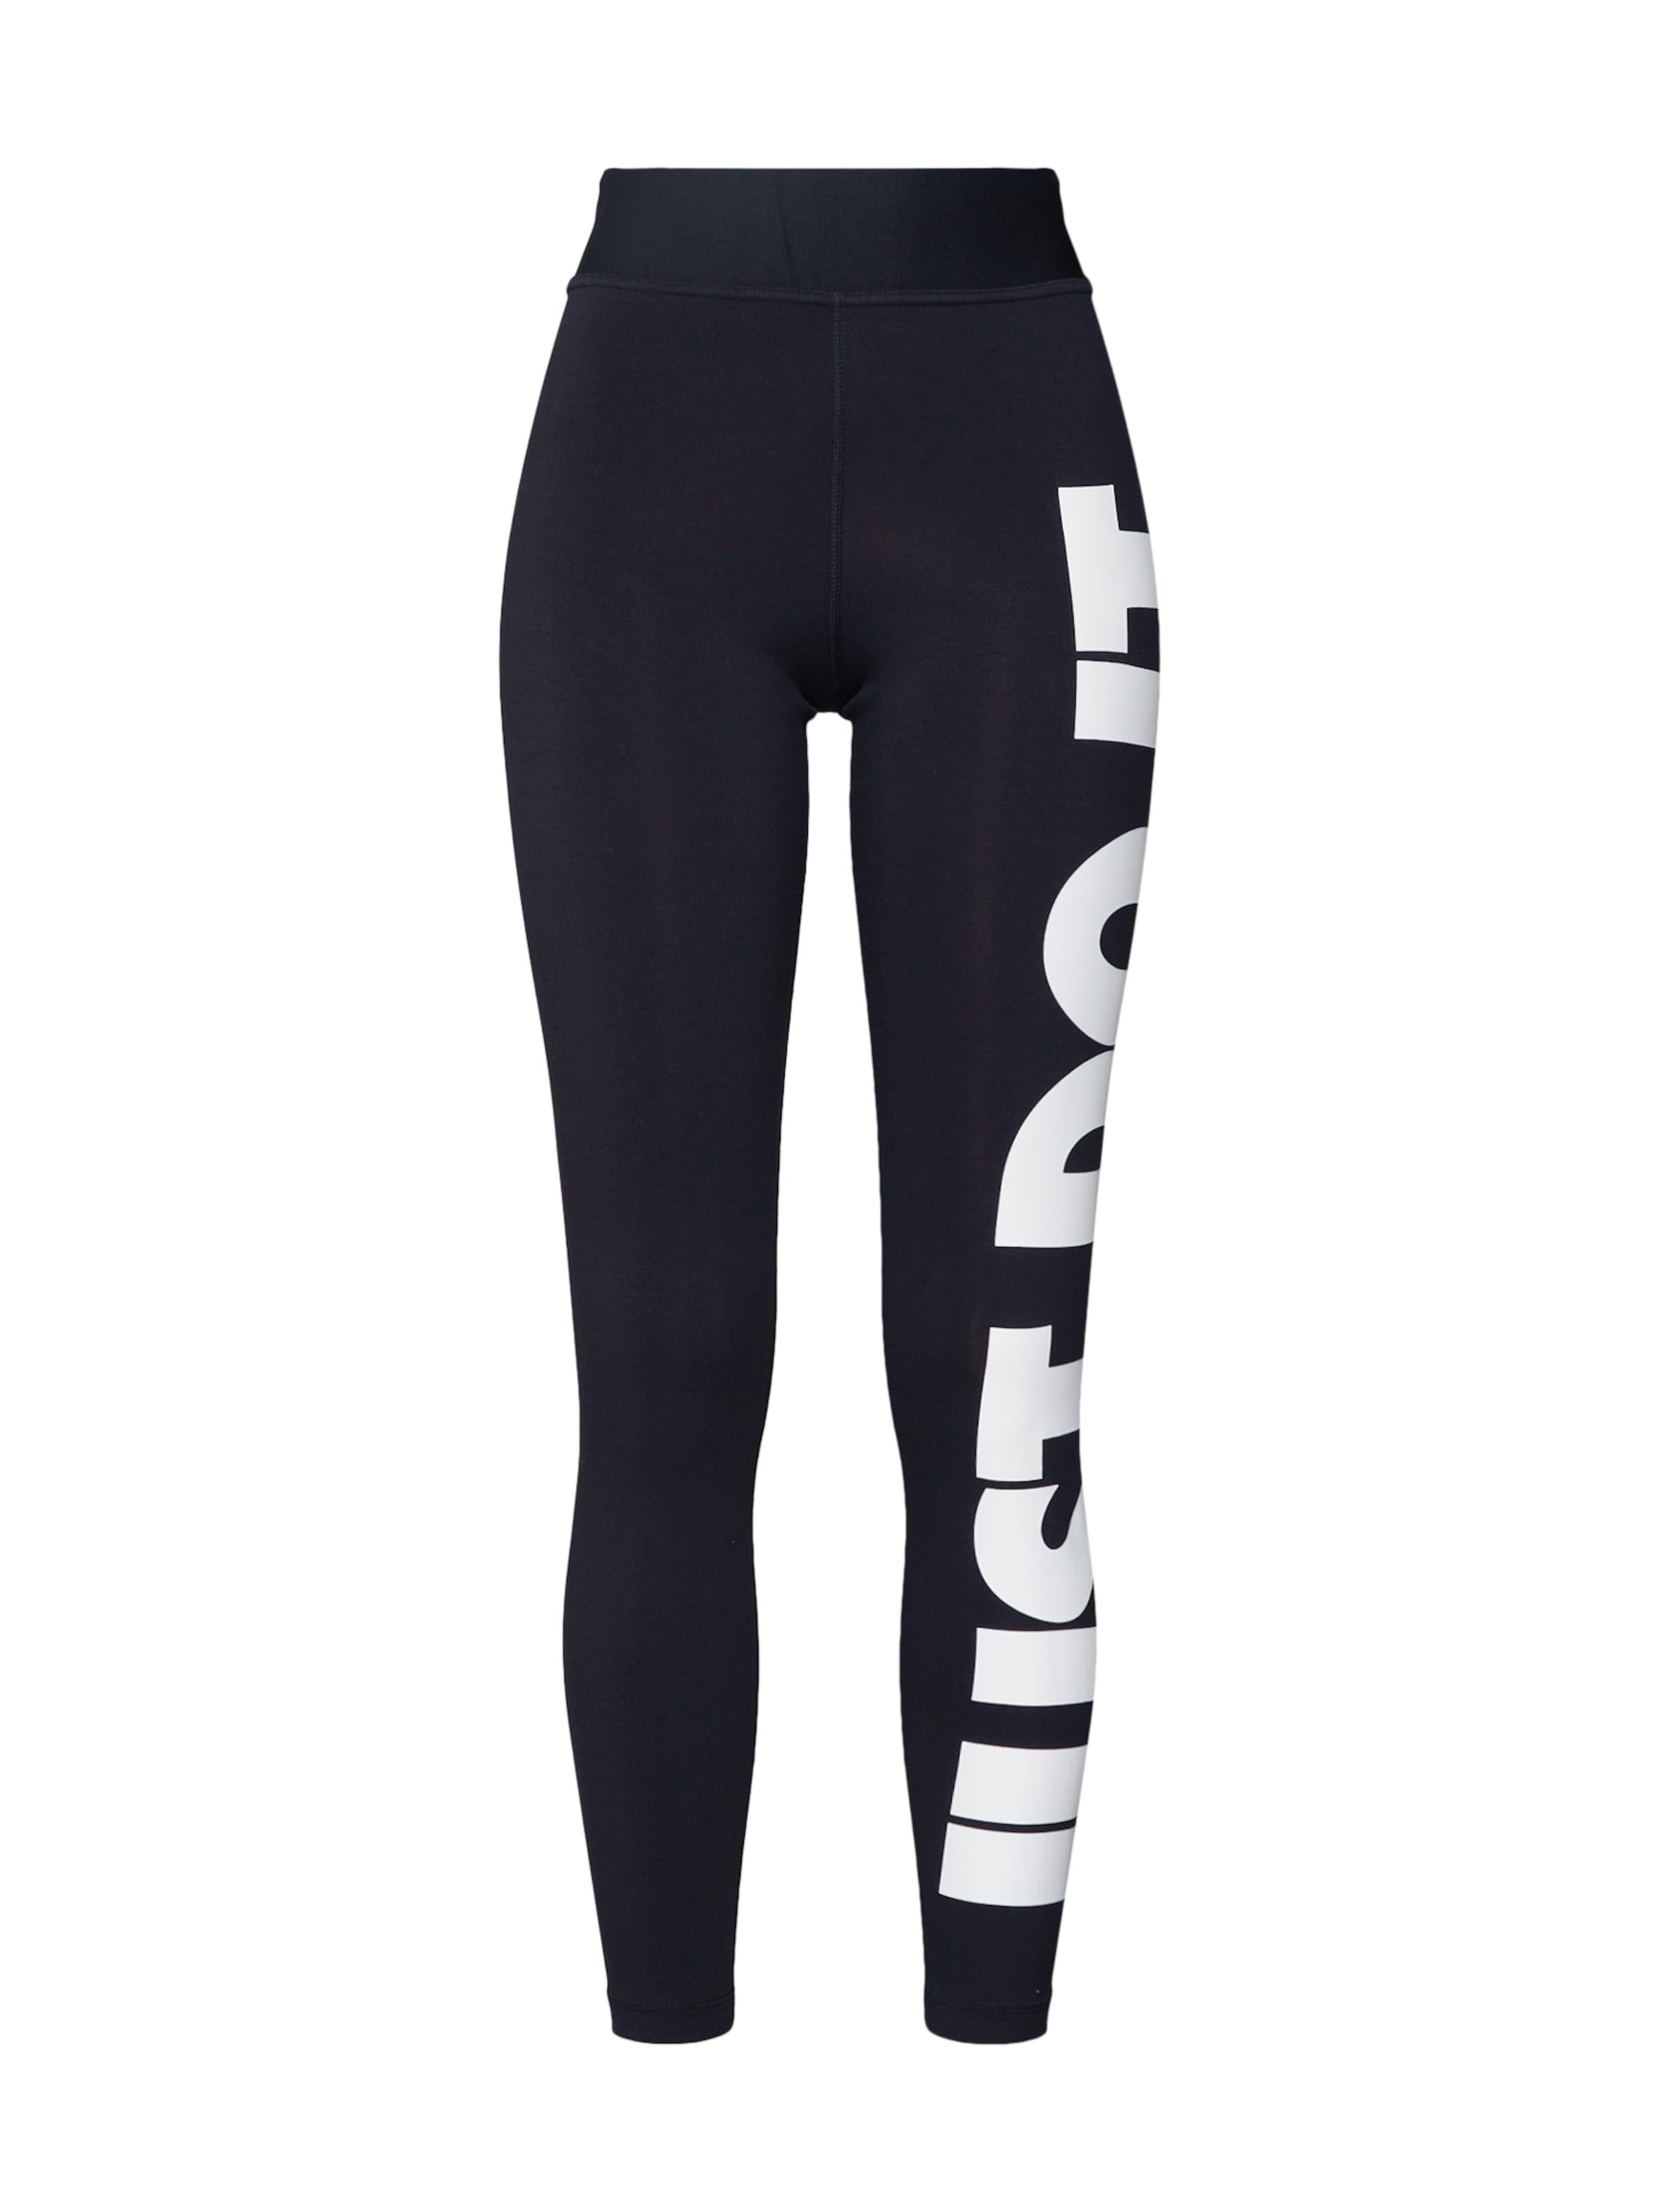 Legasee' Sportswear ' Hose In Nike Schwarz QeroWdCxBE